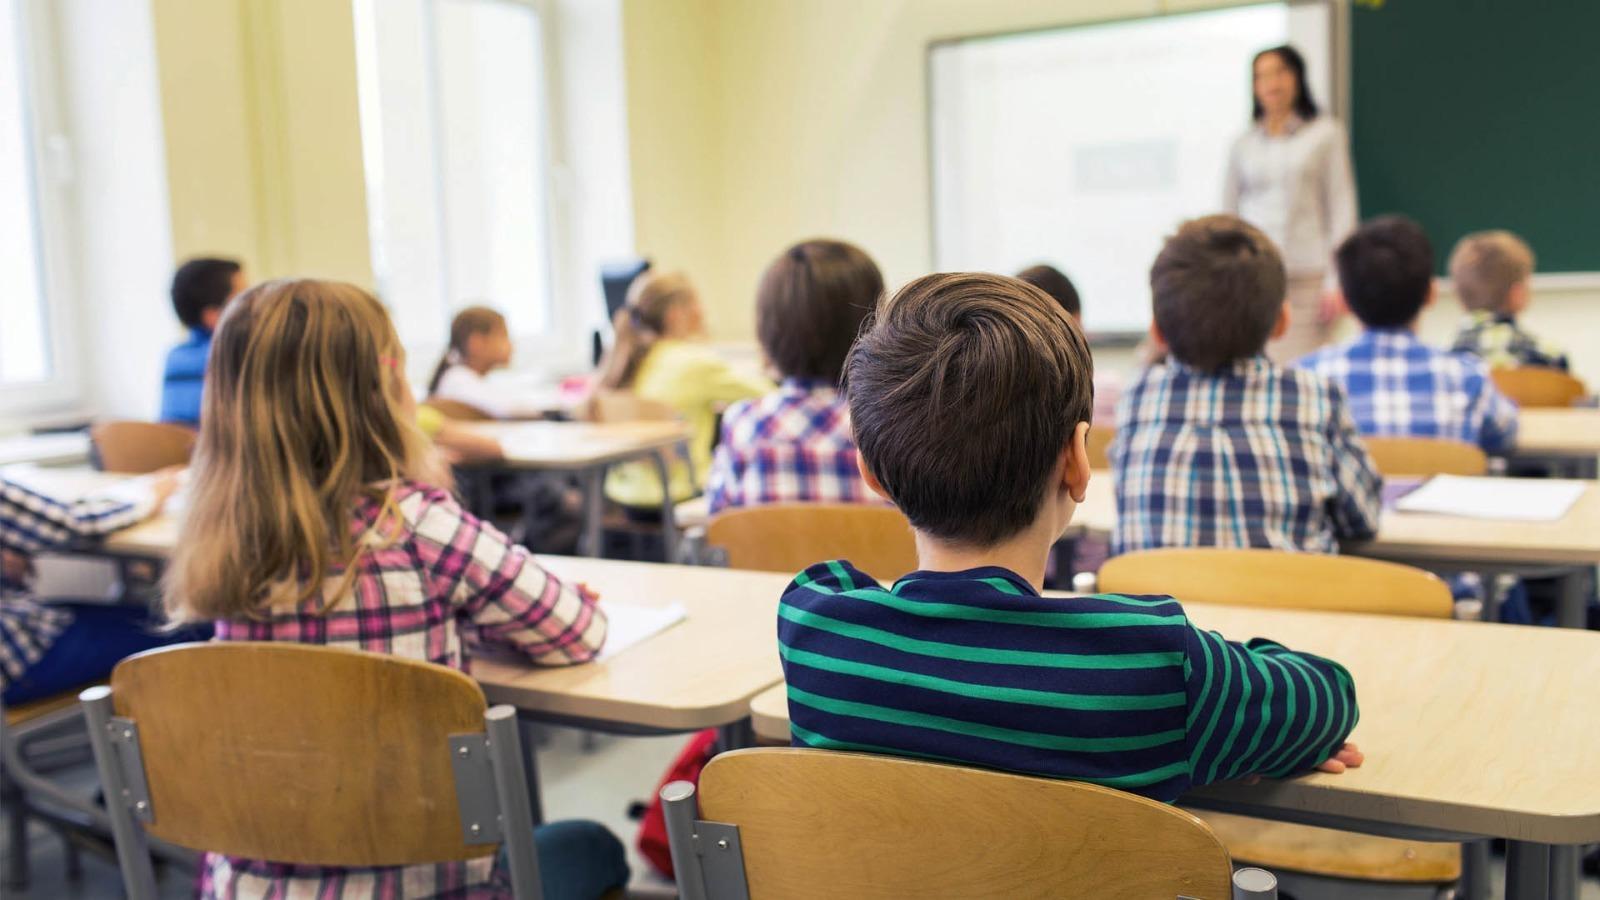 Anunci de 5.000 docents i no docents més per al curs 20/21, i no caldrà fer servir la mascareta: les claus del dia, amb Antoni Bassas (30/06/2020)